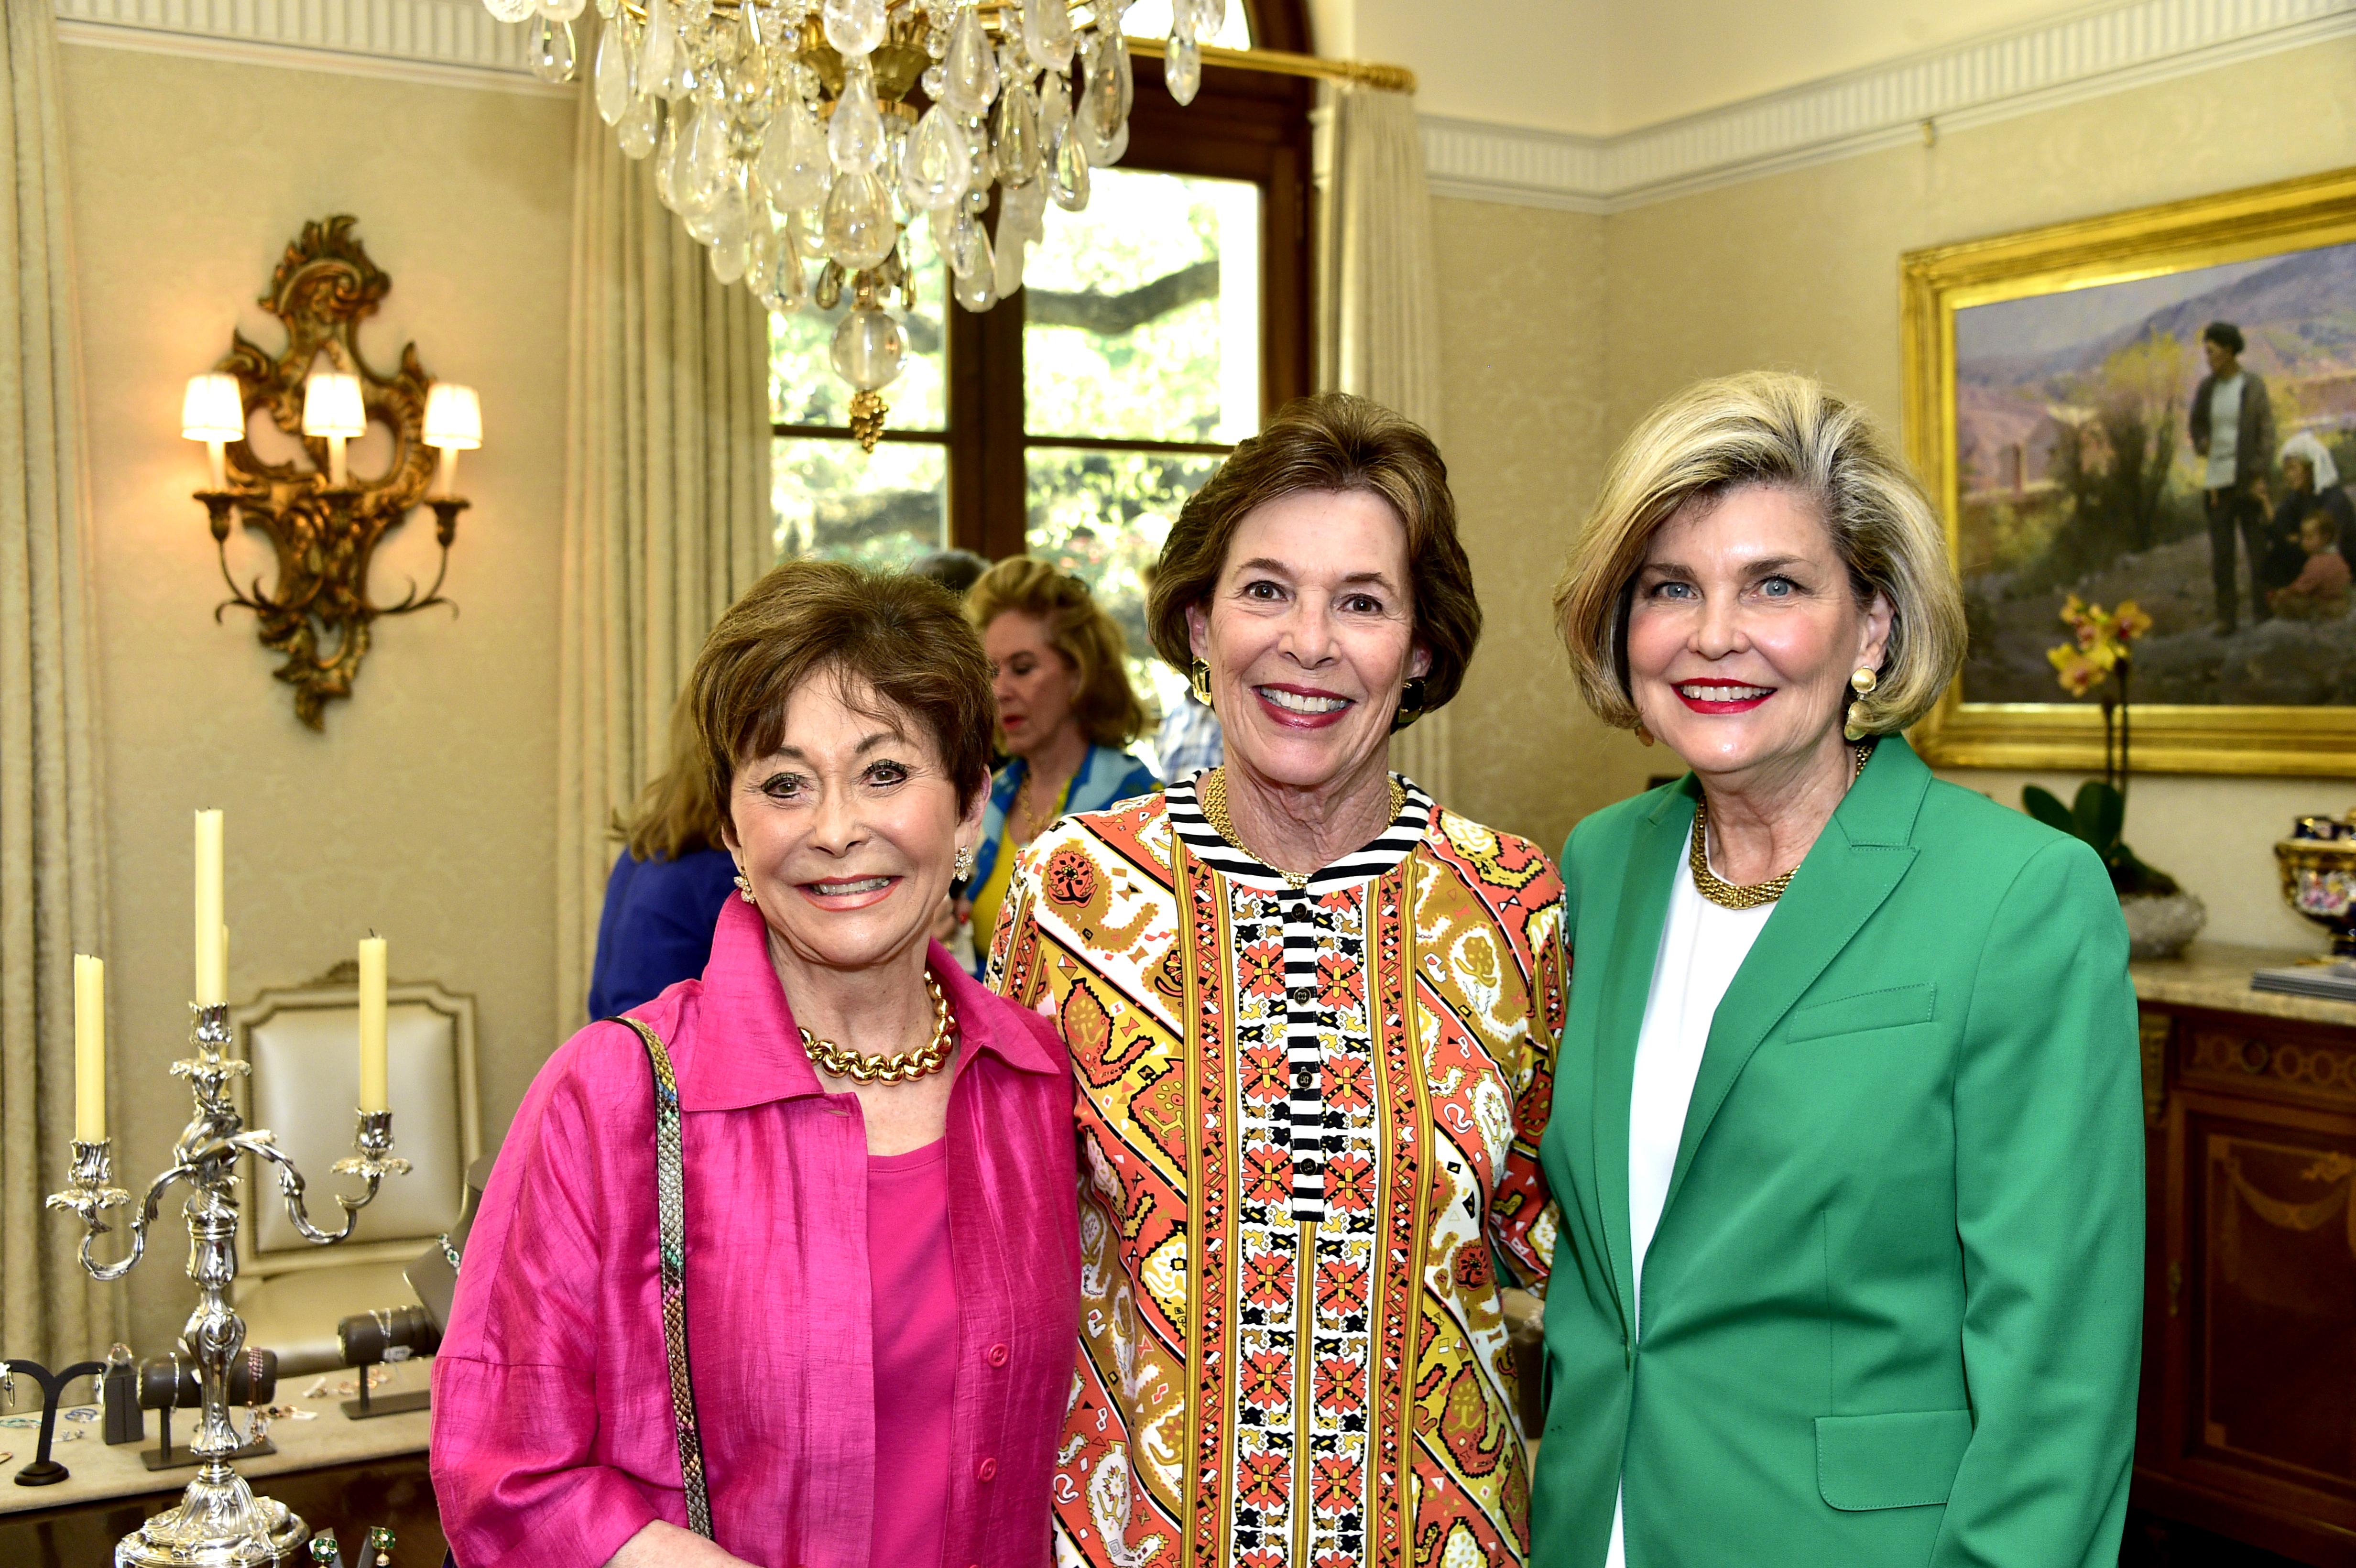 Patty Hayes, Barbara Wood and Carolyn Johnson